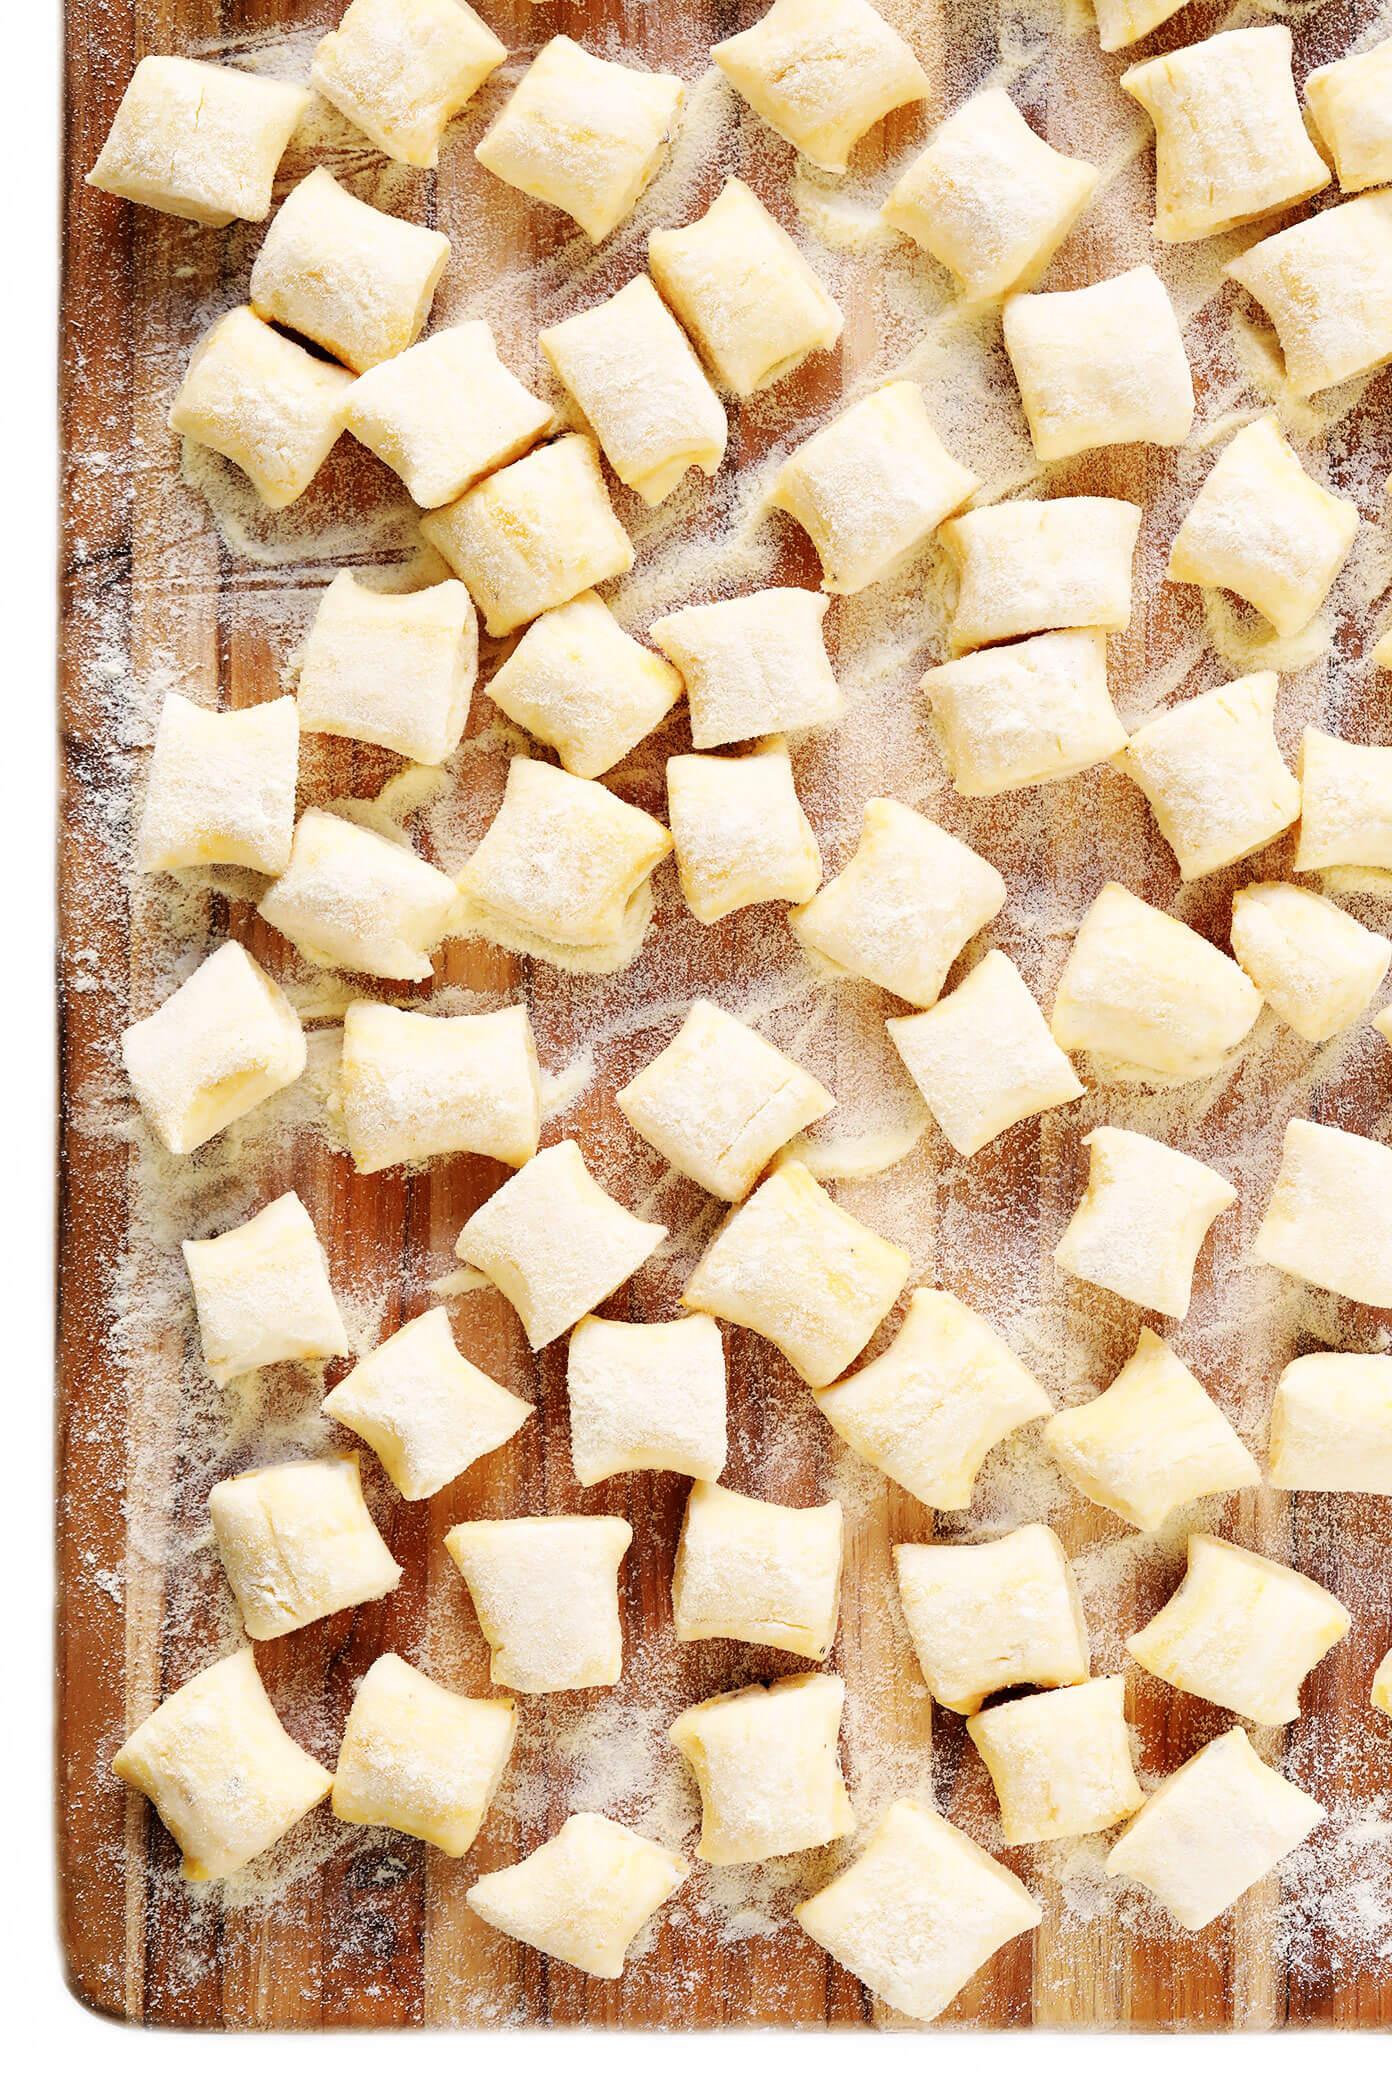 Easy gnocchi recipe